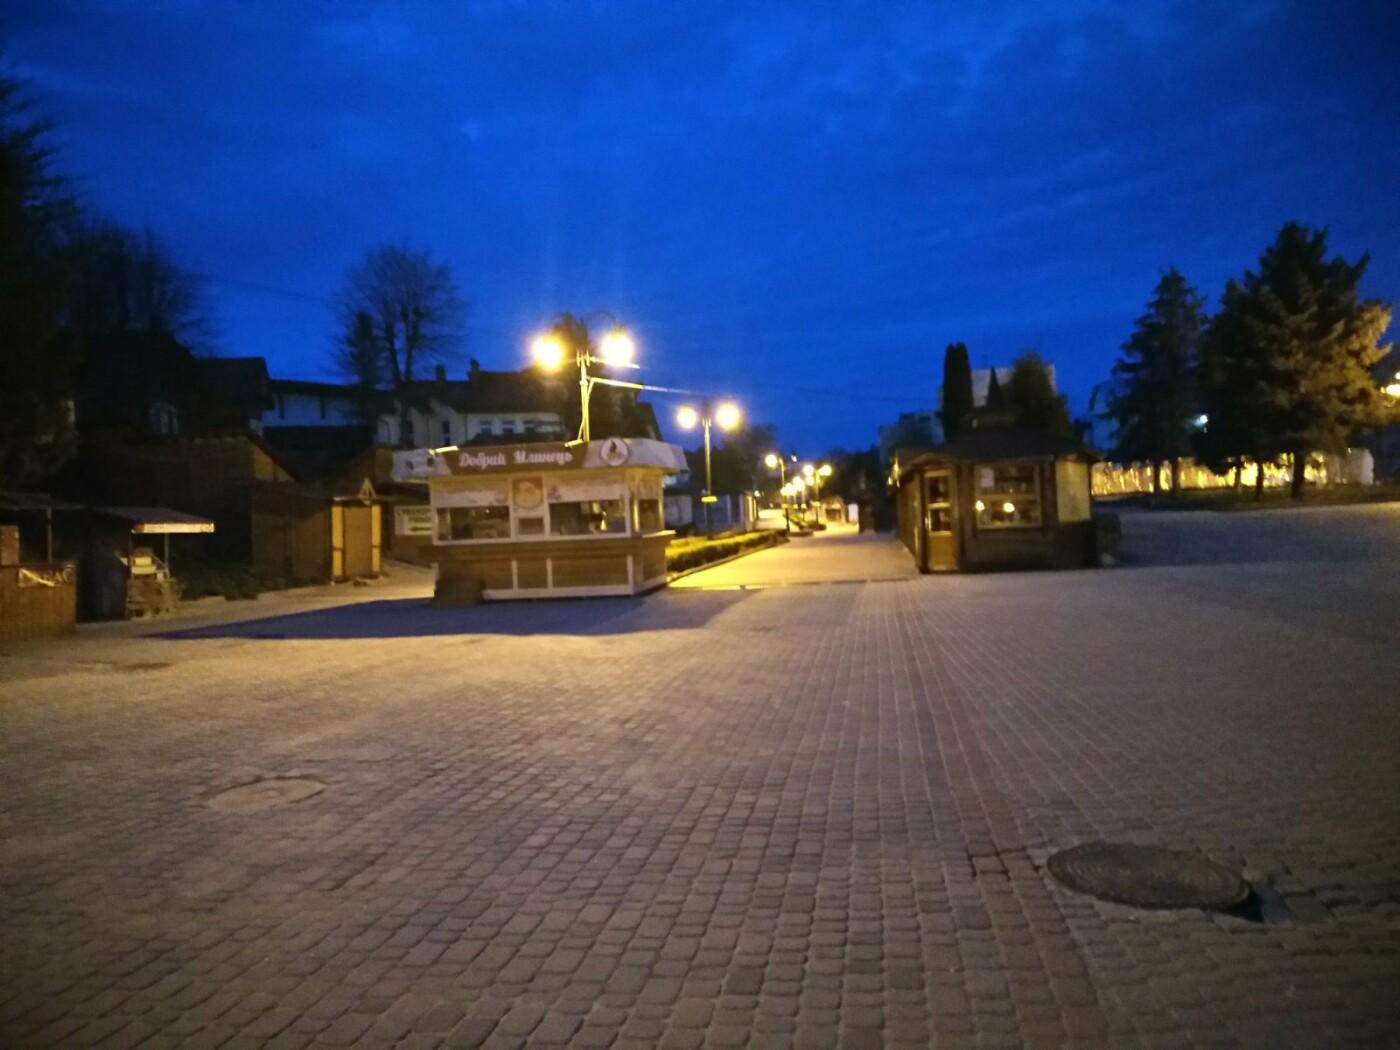 Дивовижний Трускавець: вечірній фотоогляд центральної частини міста-курорту, фото-14, Фото - 03247.com.ua